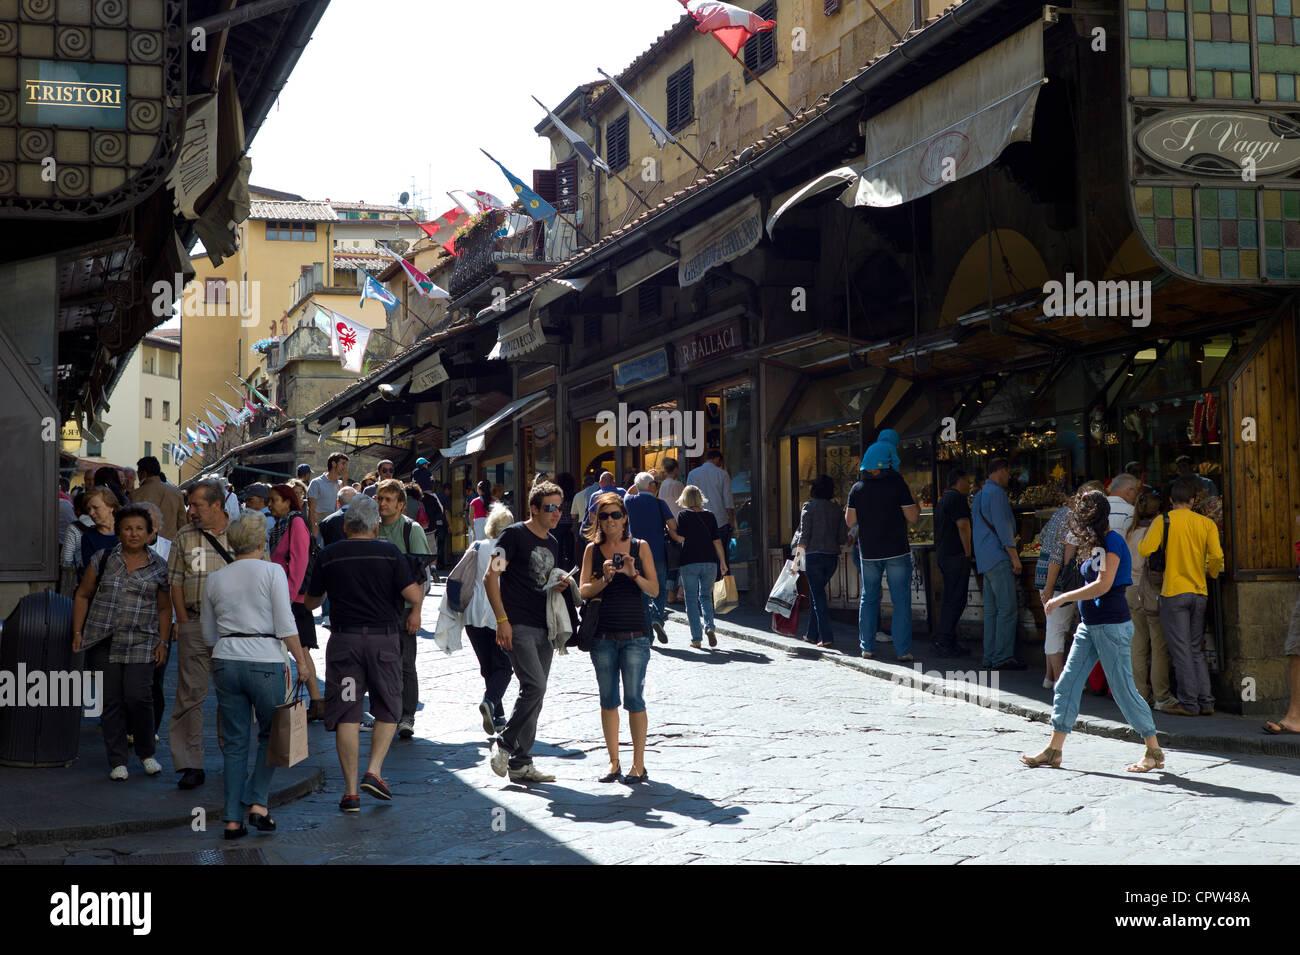 Les touristes et les habitants sur le Ponte Vecchio côté nord de l'Arno, Florence, Toscane, Italie Photo Stock